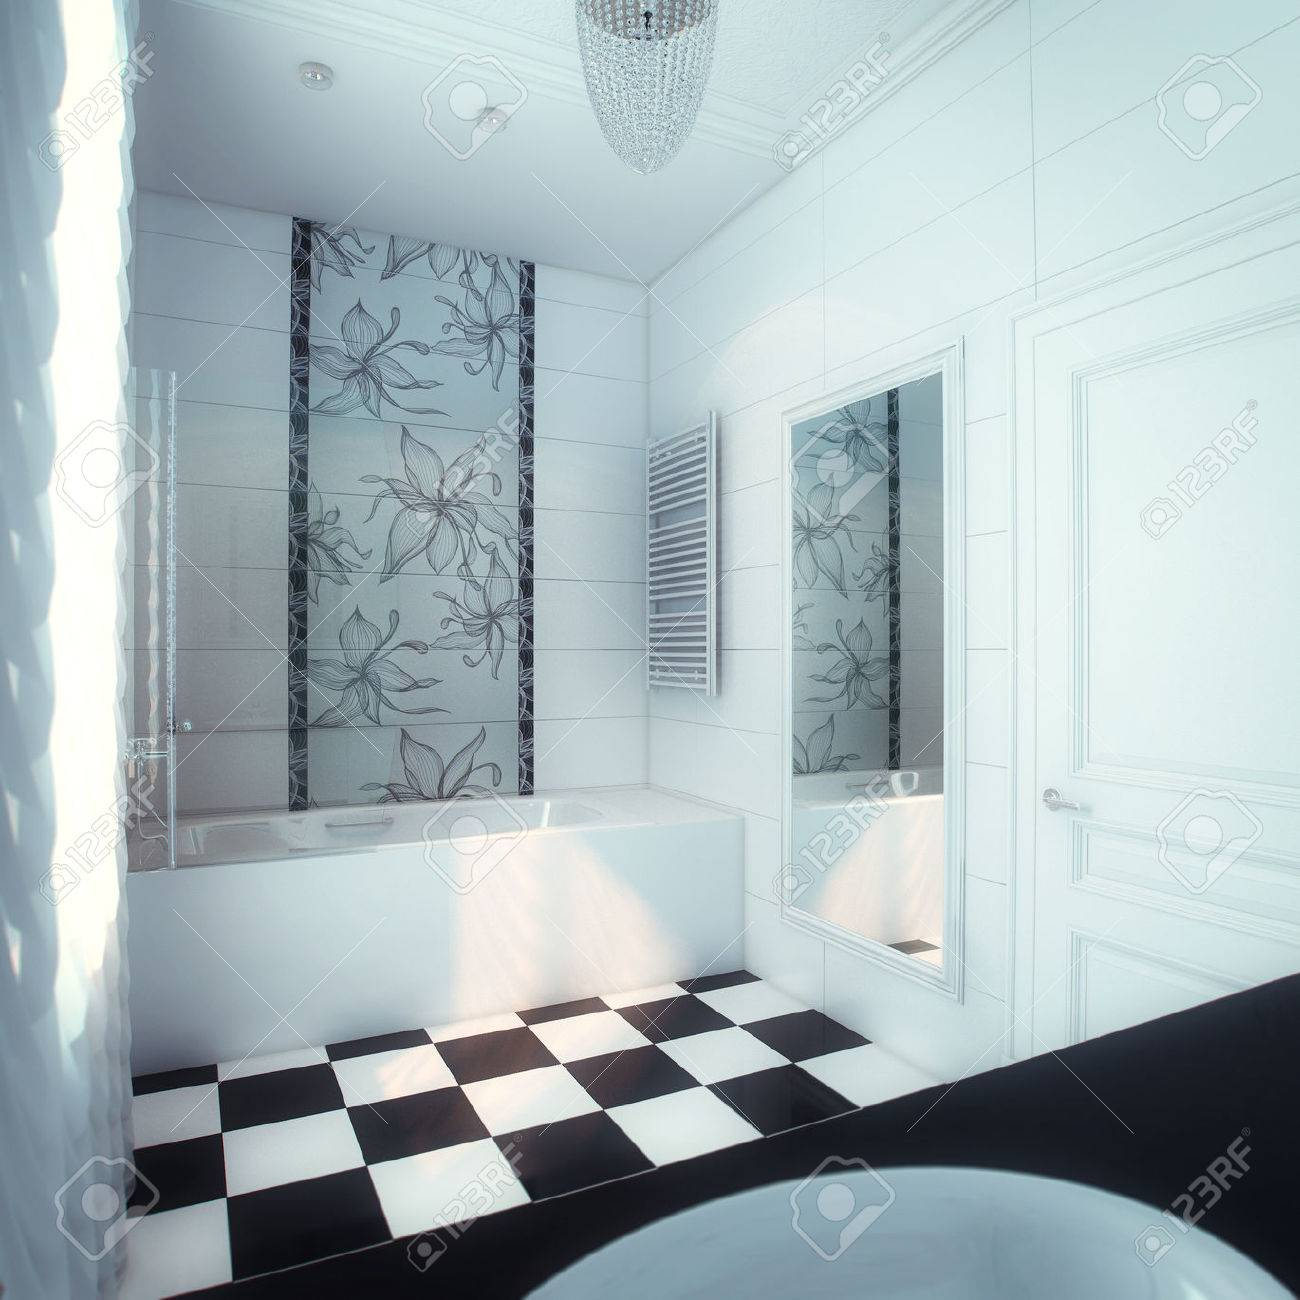 Schöne Große Badezimmer In Luxus-Haus Lizenzfreie Fotos, Bilder Und ...